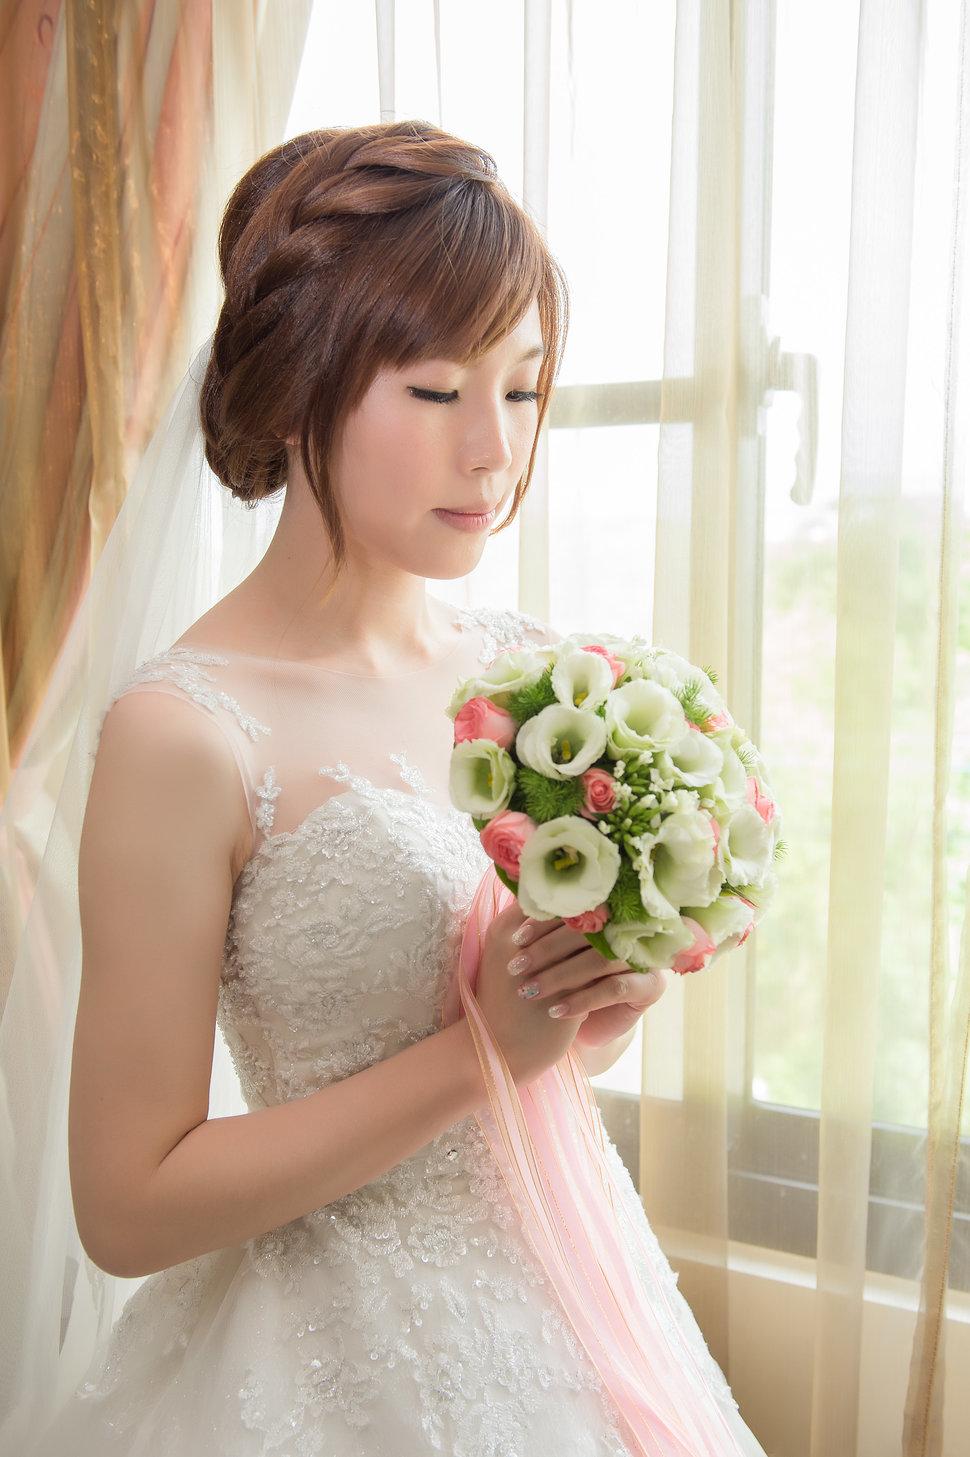 [桃園婚攝] 文訂迎娶&海豐餐廳(編號:433239) - Allen影像團隊 Love Story - 結婚吧